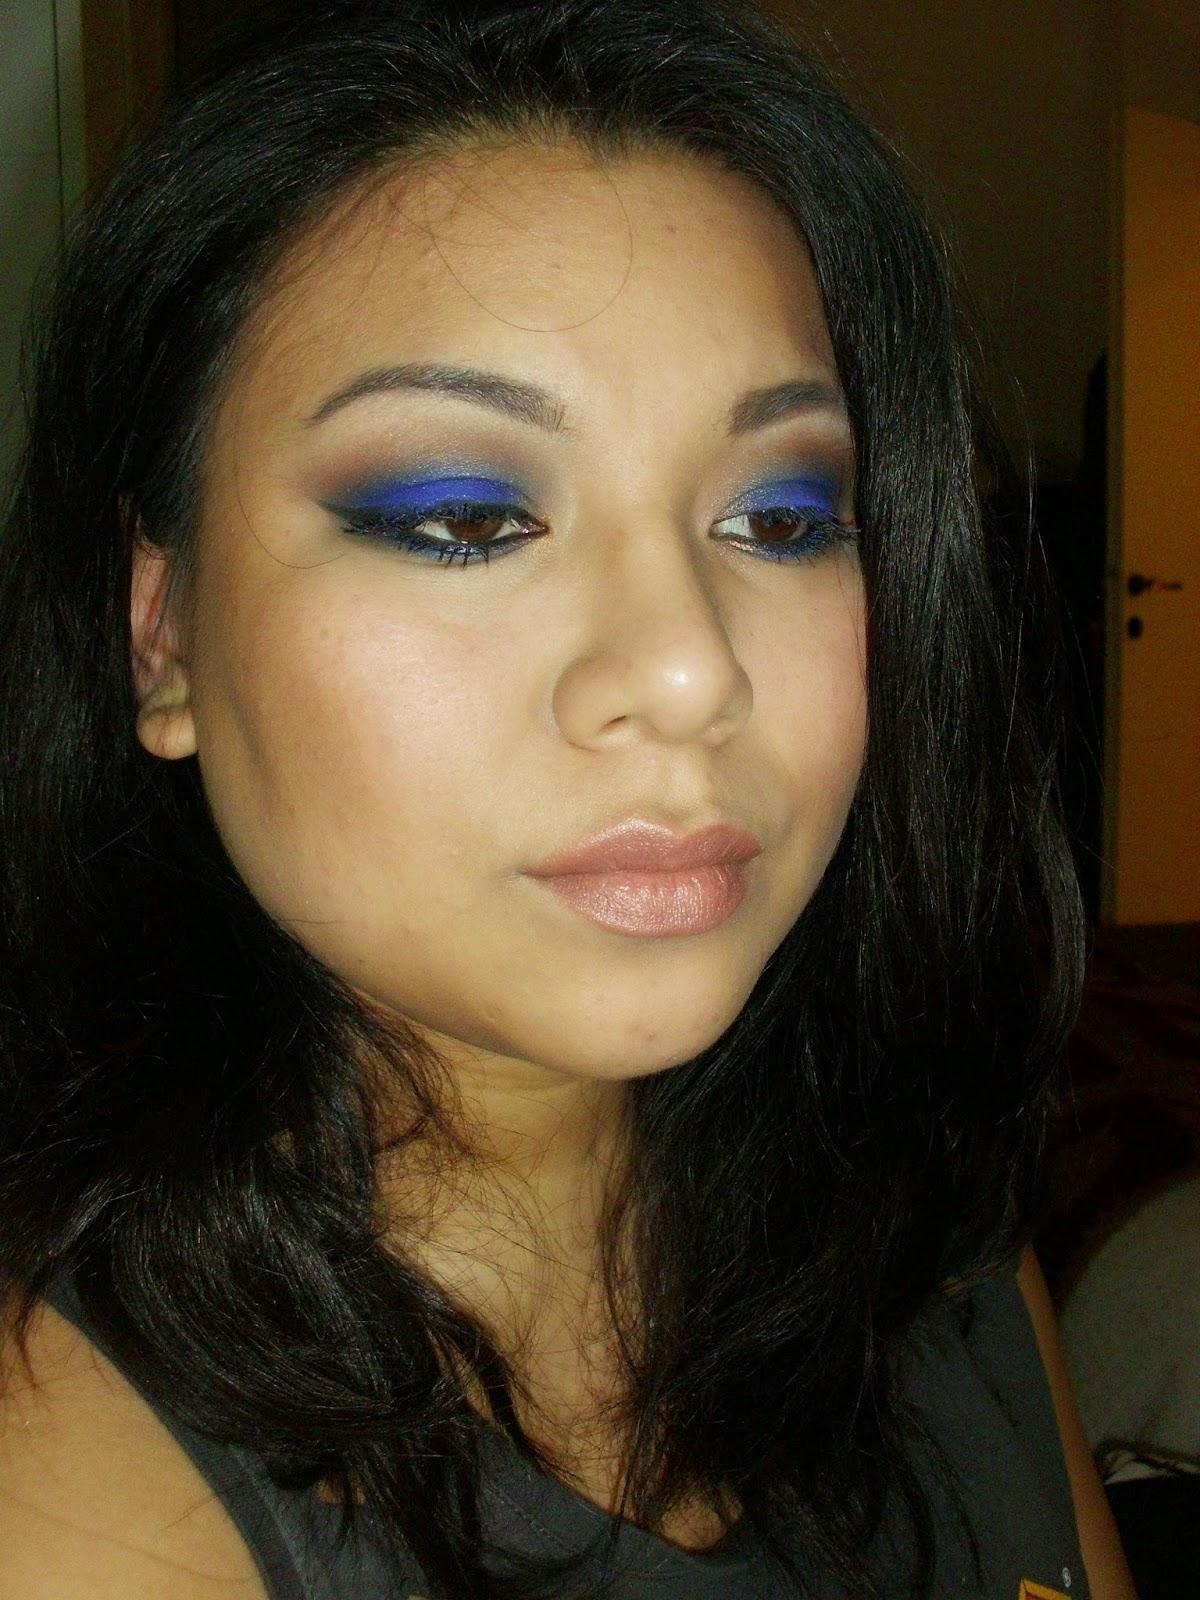 Blu smokey eye